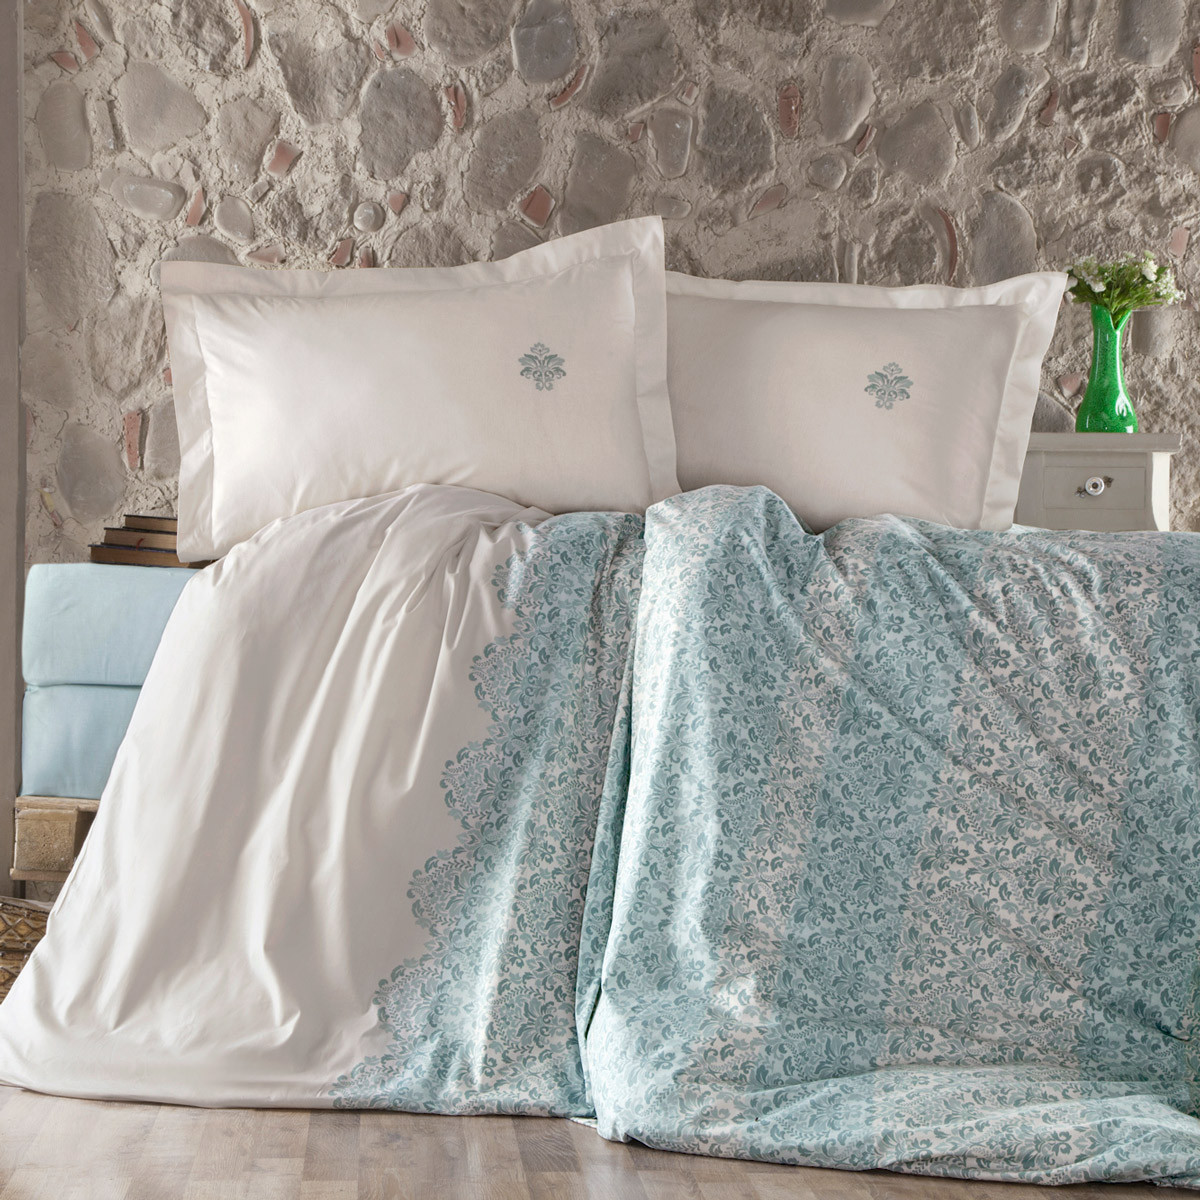 Σεντόνια Υπέρδιπλα (Σετ) Ravelia Ranforce Tiera Turquoise home   κρεβατοκάμαρα   σεντόνια   σεντόνια υπέρδιπλα